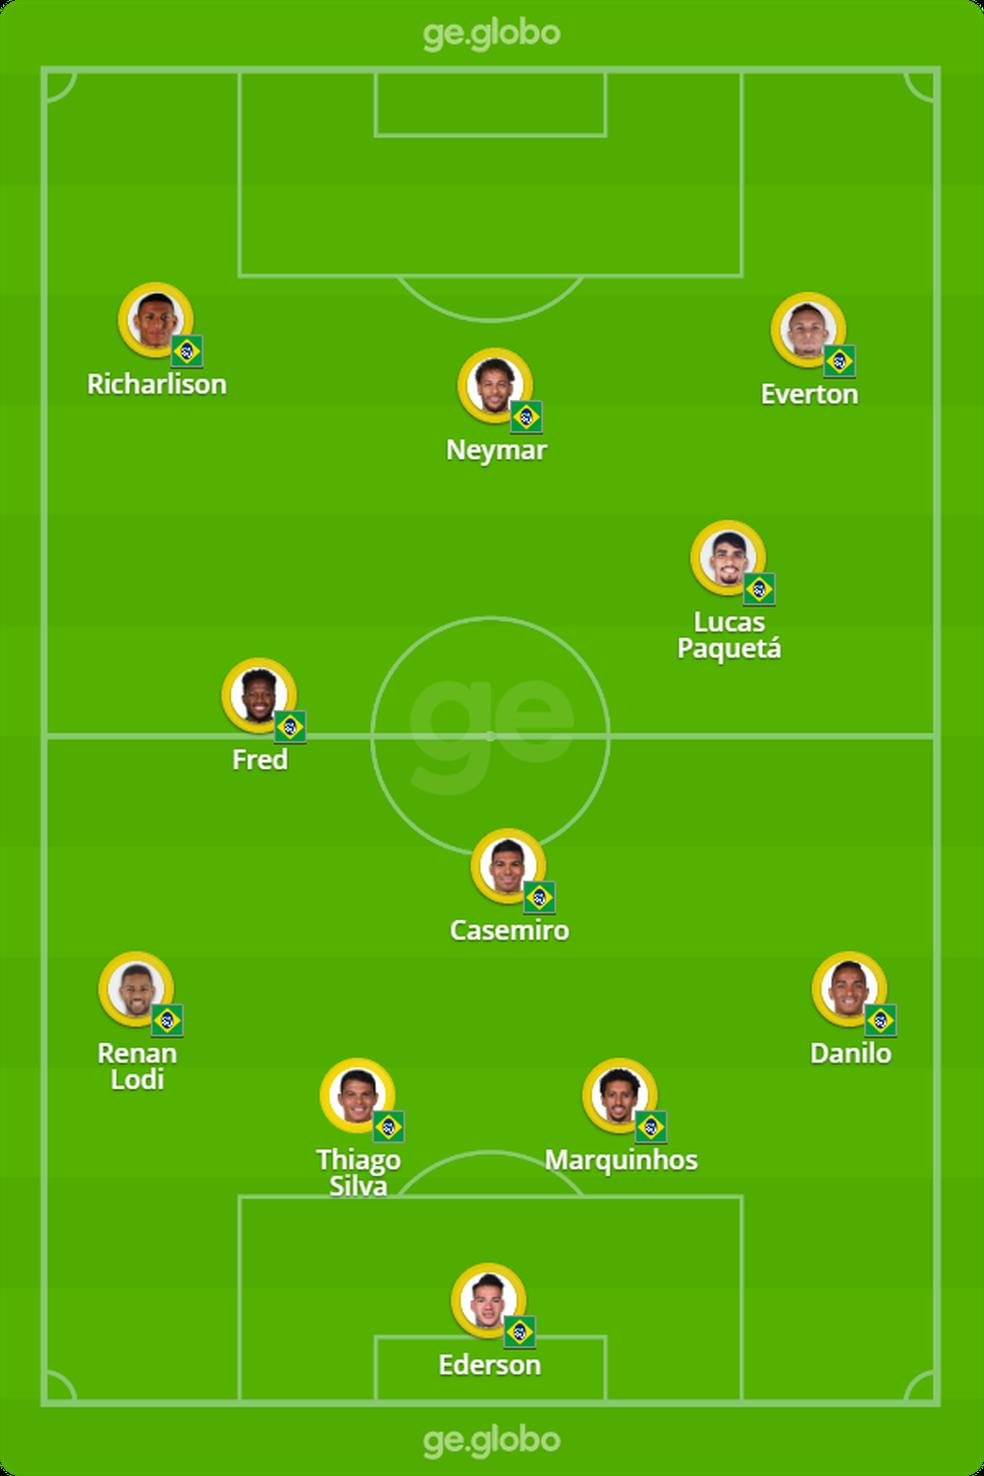 Provável Escalação da Seleção Brasileira